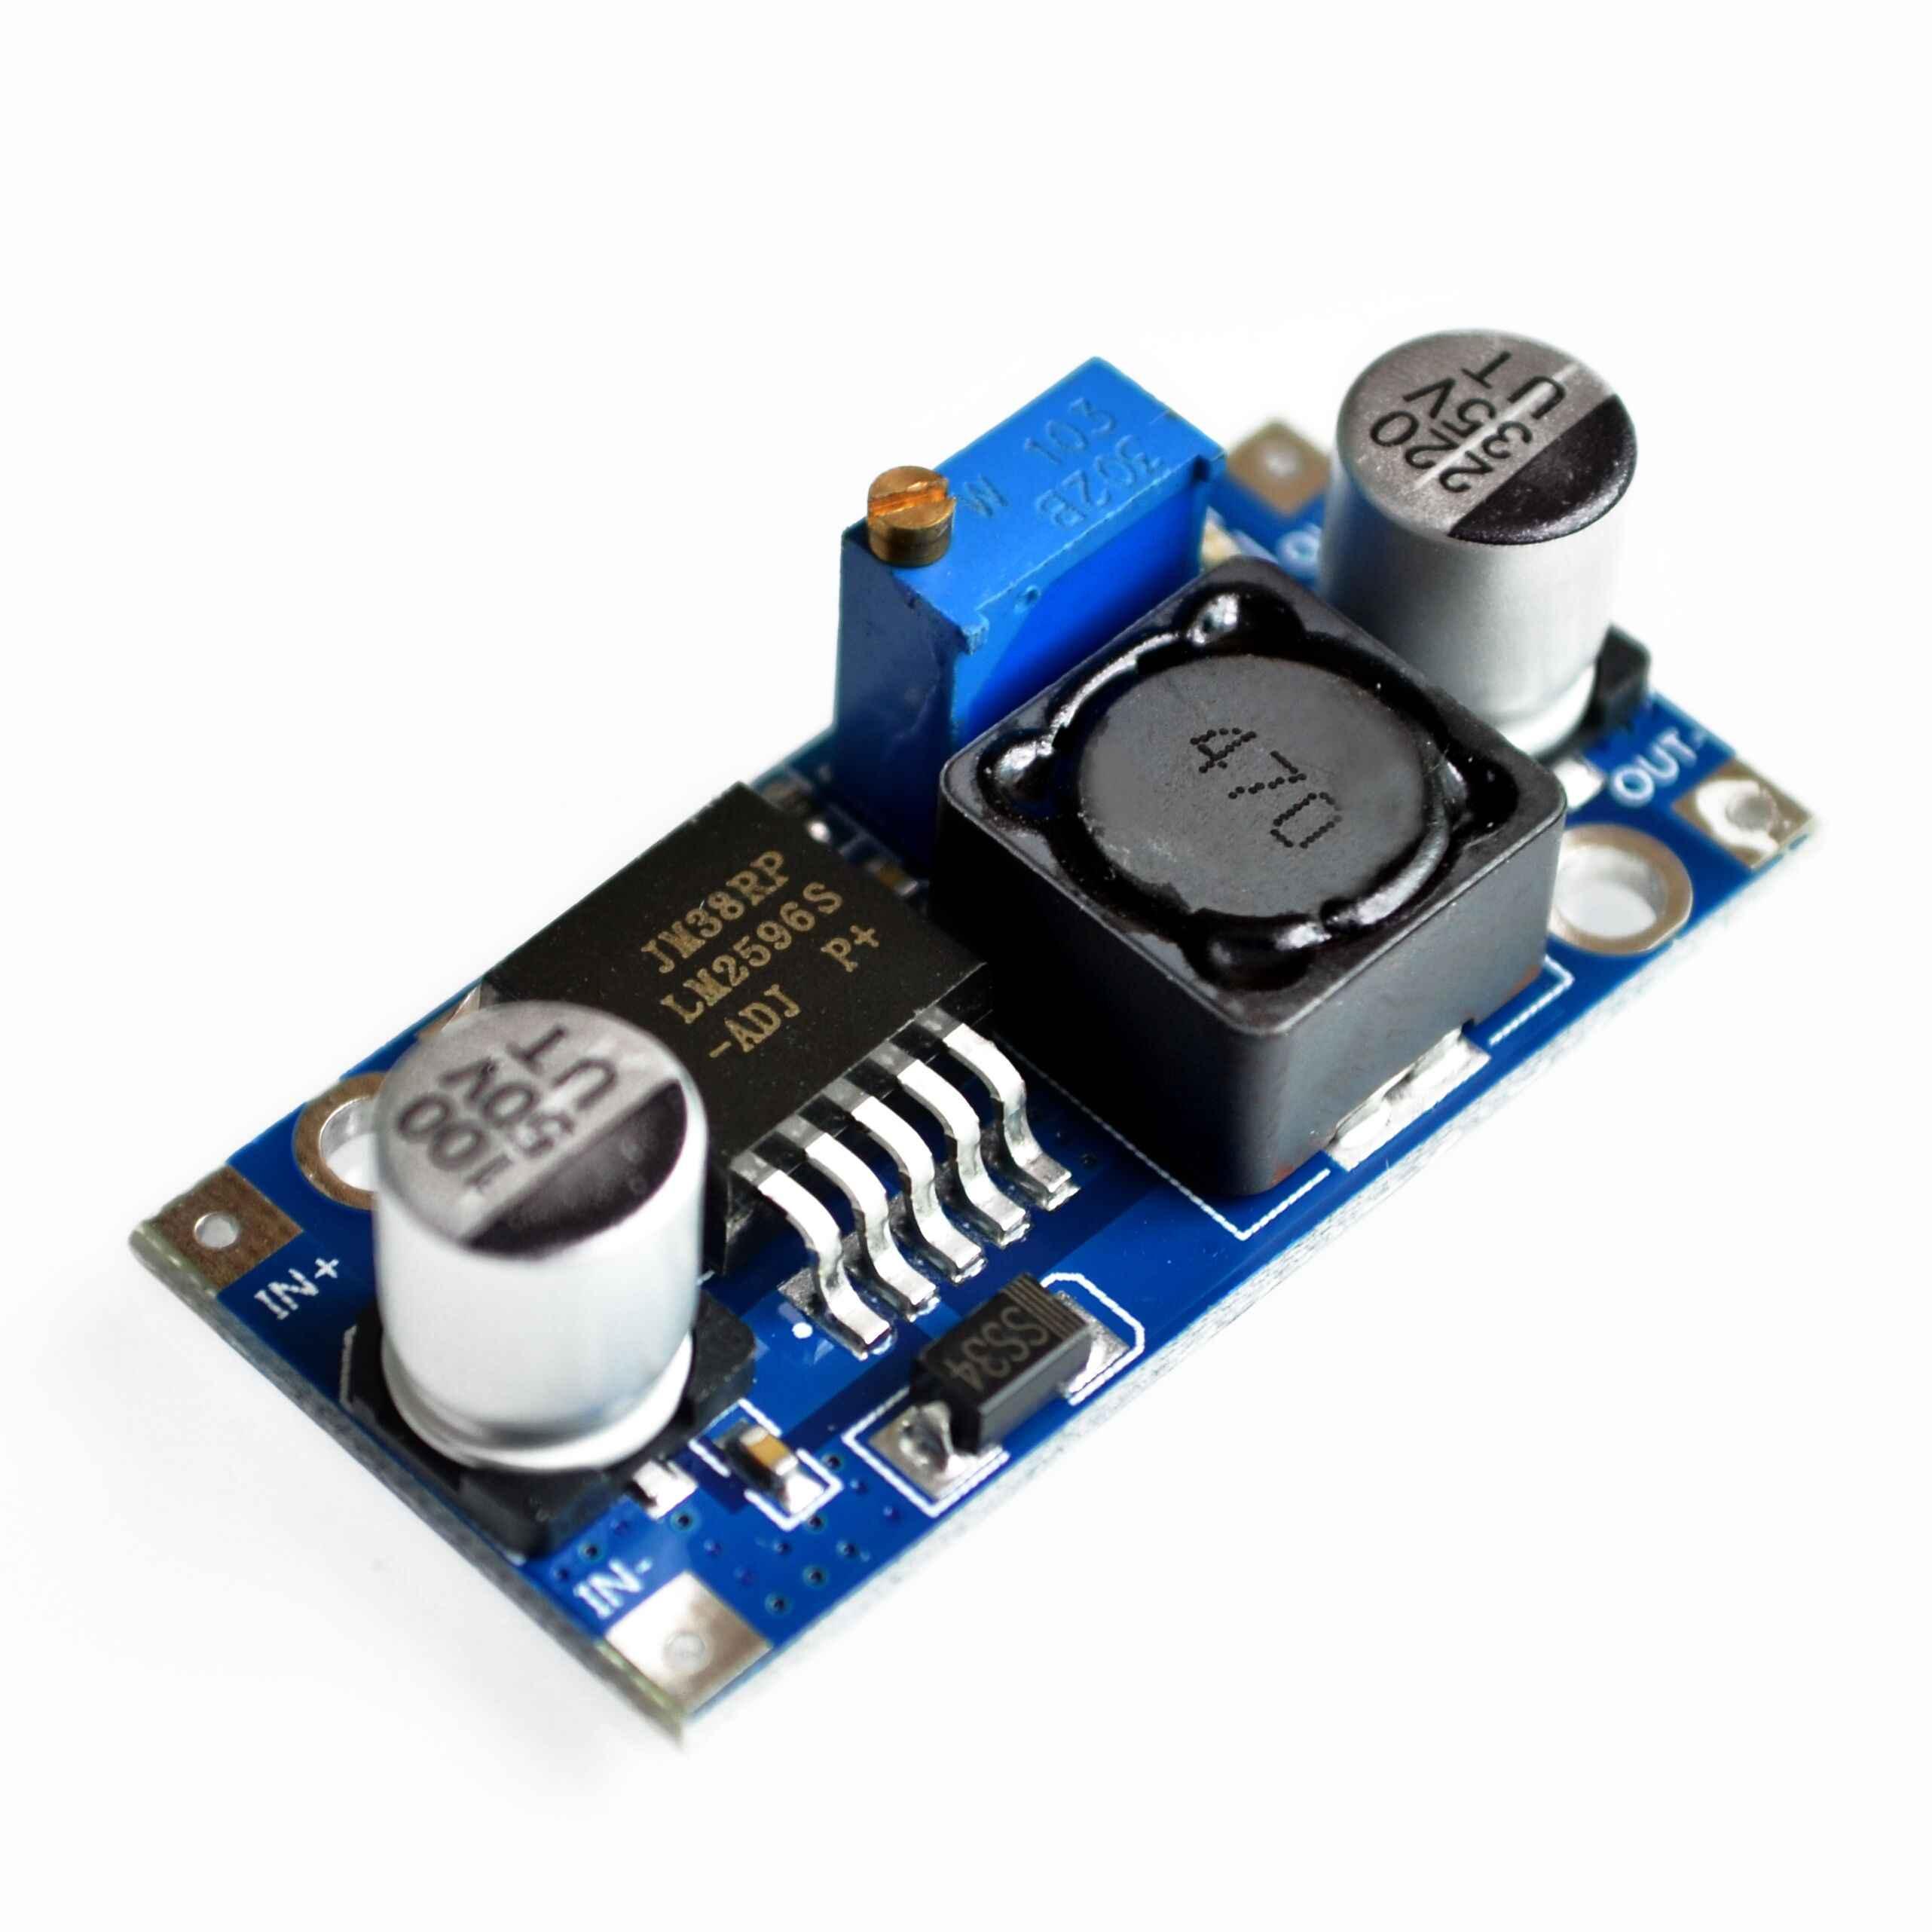 LM2596 adjustable 4,5-40 V Регулируемый понижающий модуль питания новый, высокое качество